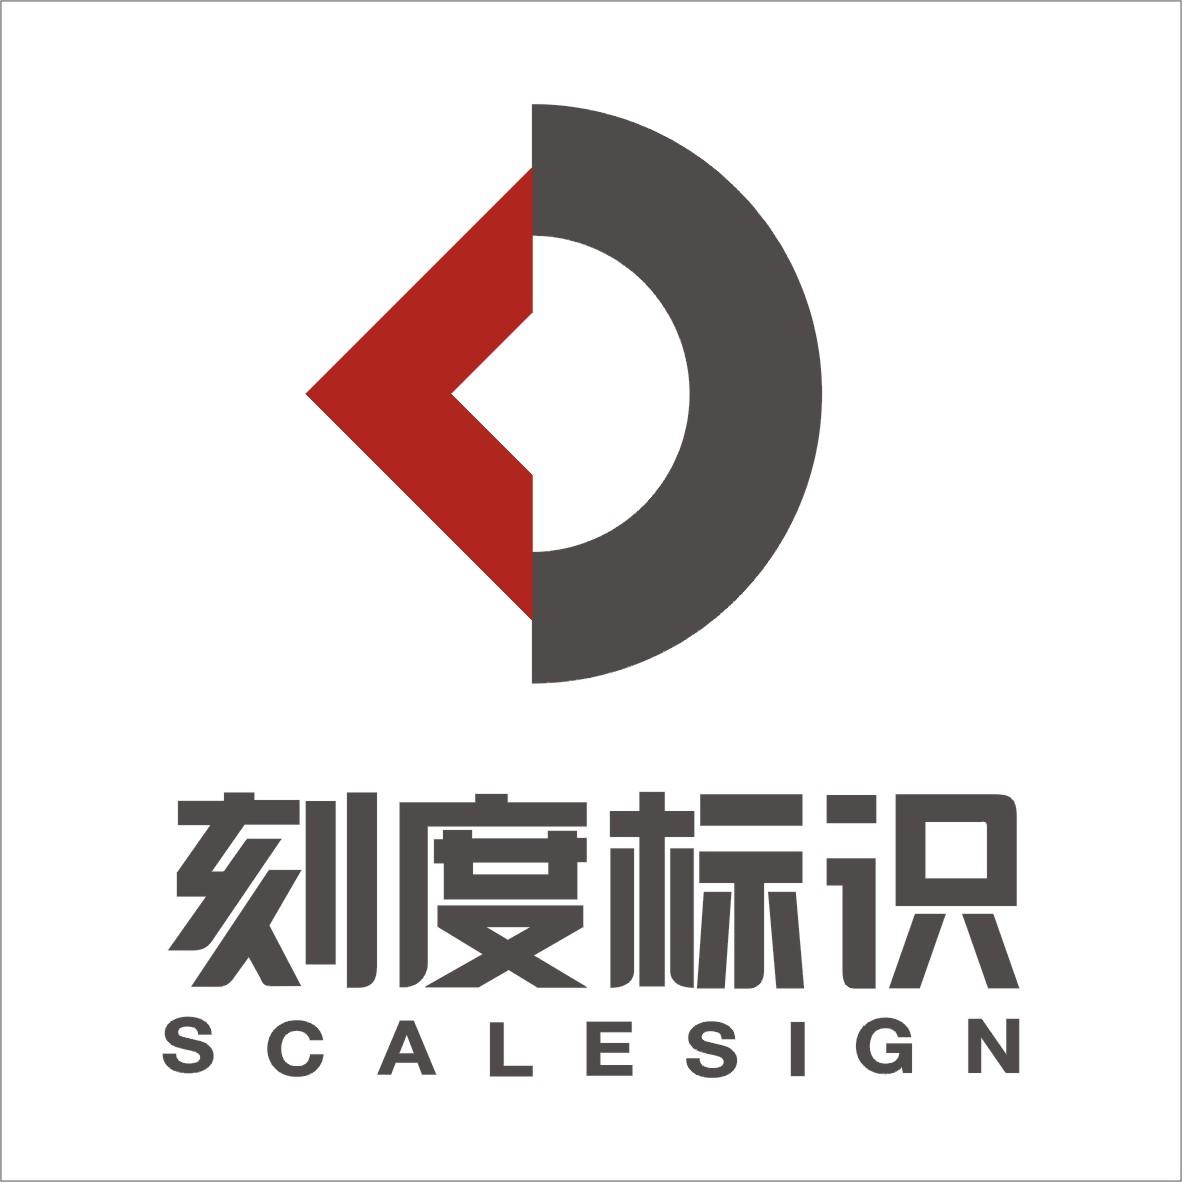 杭州刻度标识设计制作有限公司